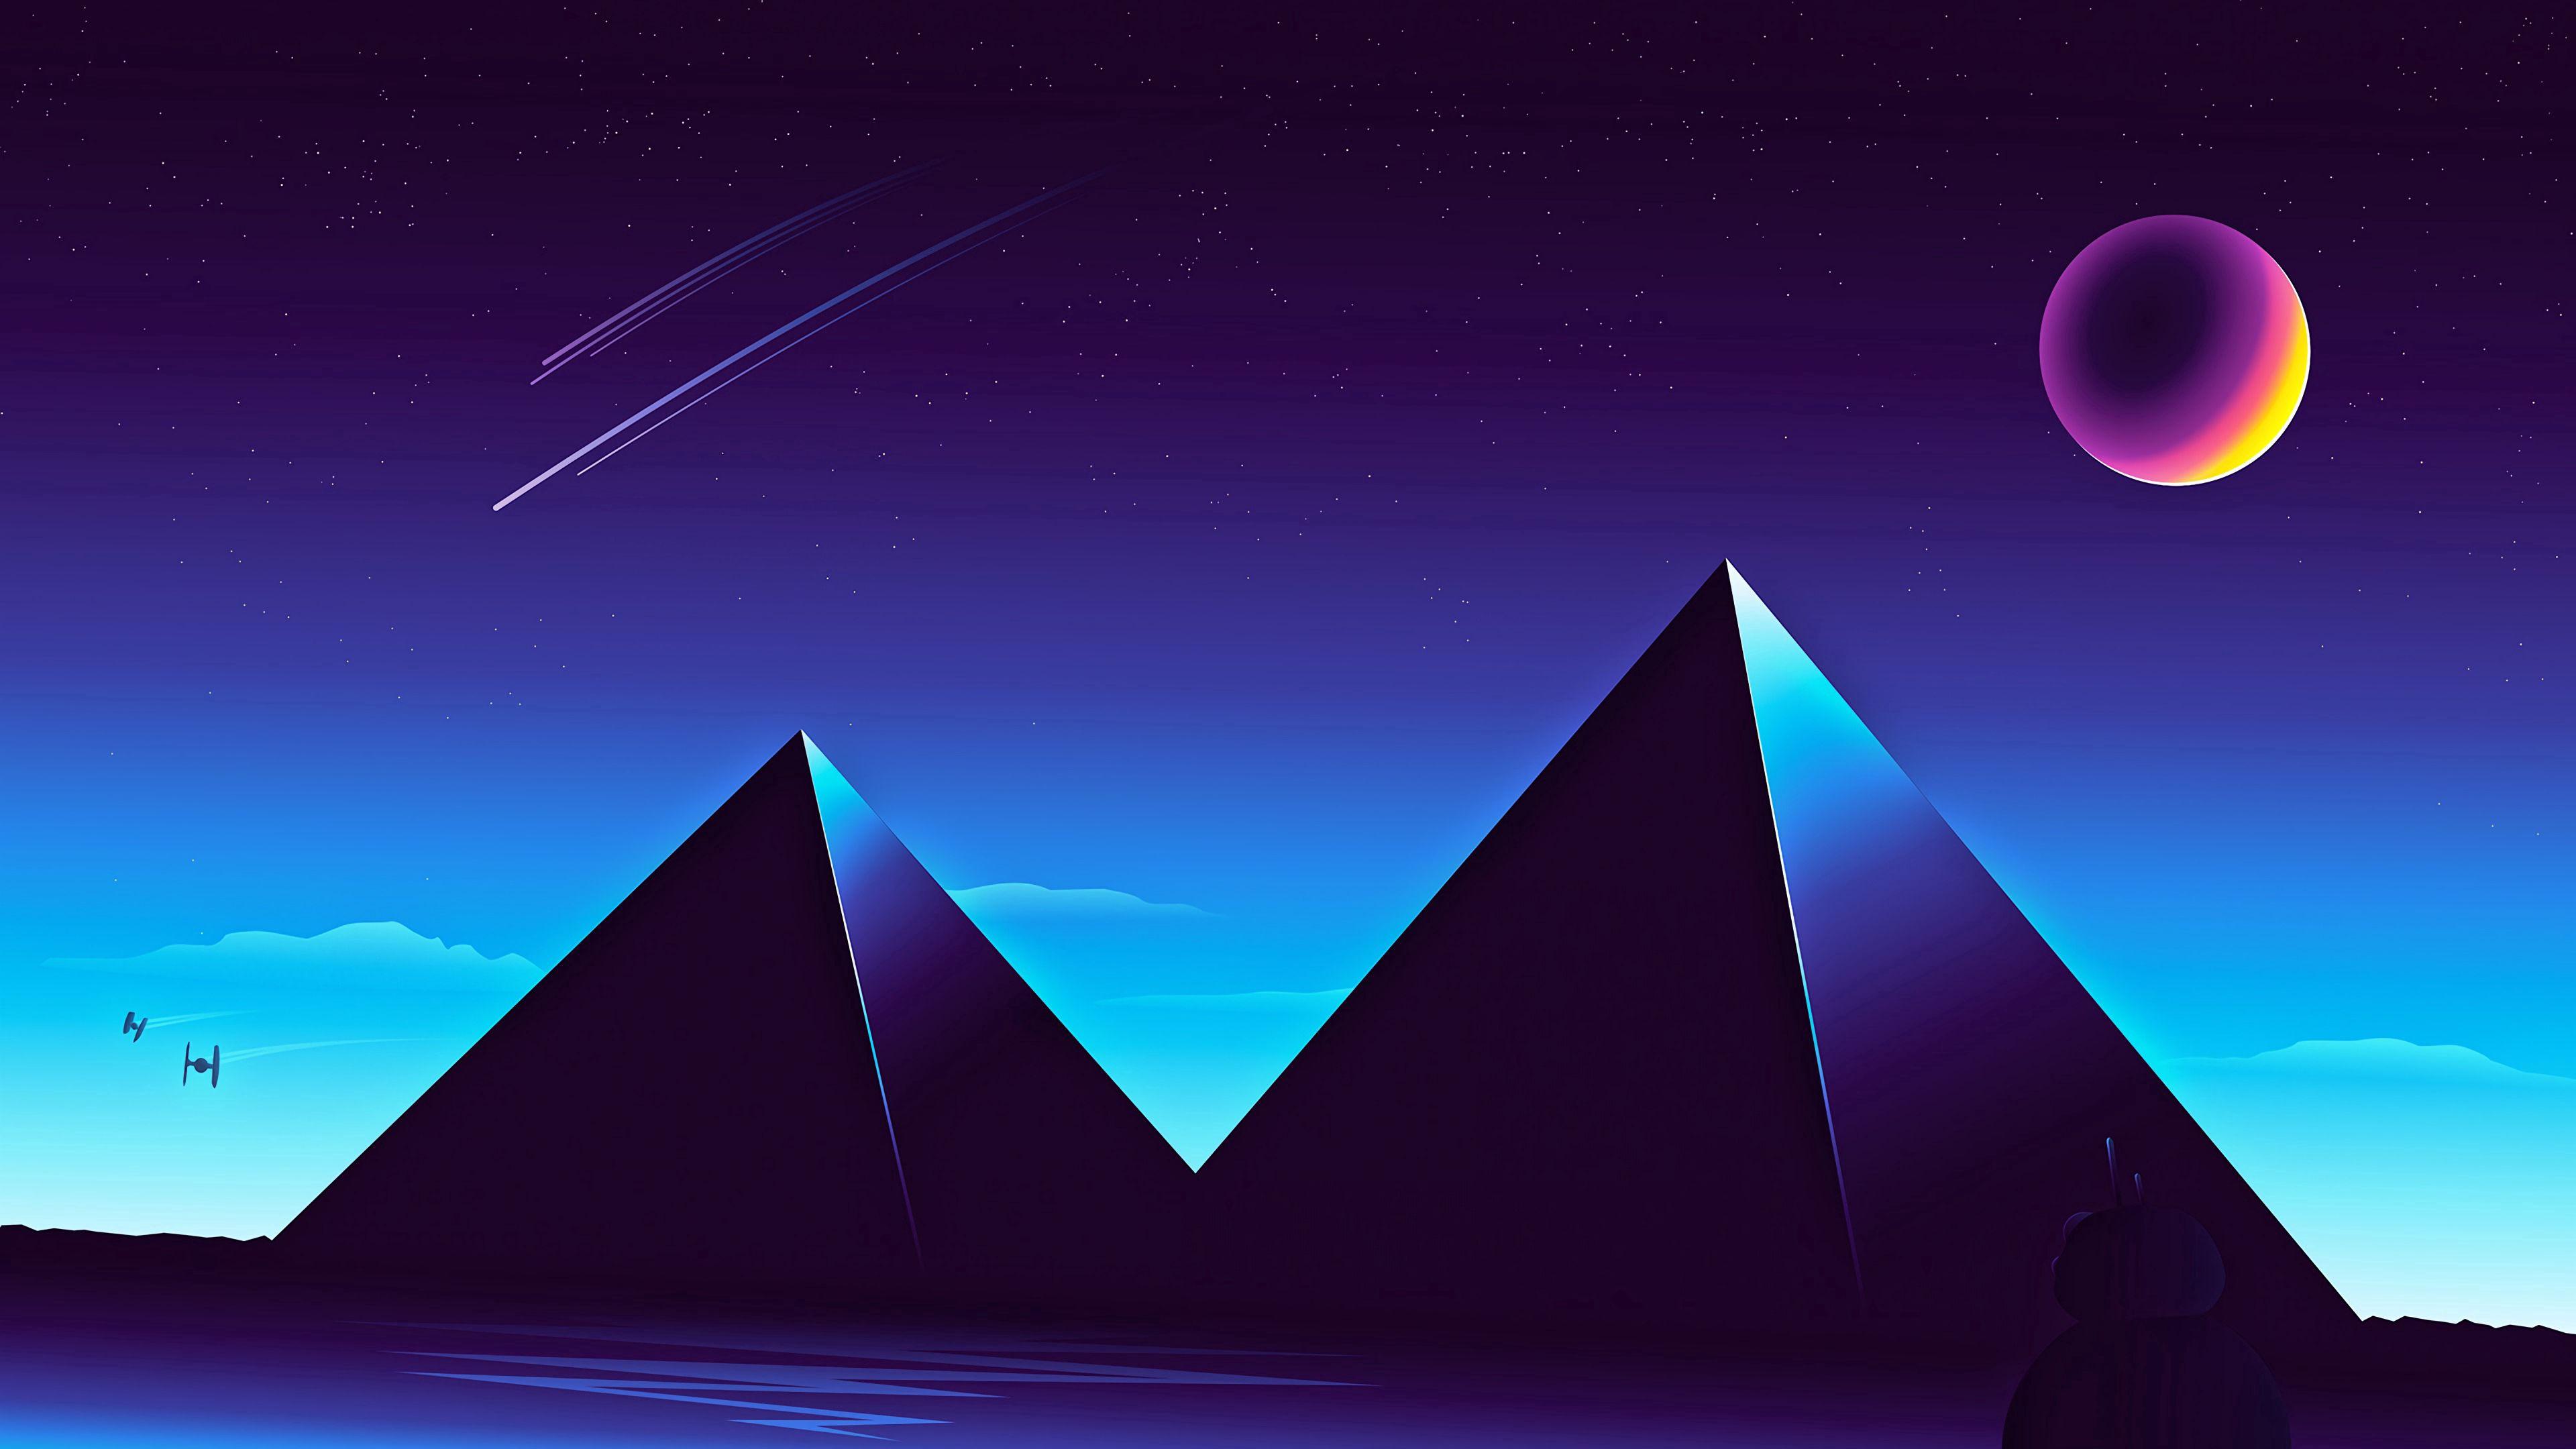 手機的64370屏保和壁紙黑暗。 免費下載 向量, 矢量, 星空, 夜, 黑暗的, 黑暗, 金字塔 圖片